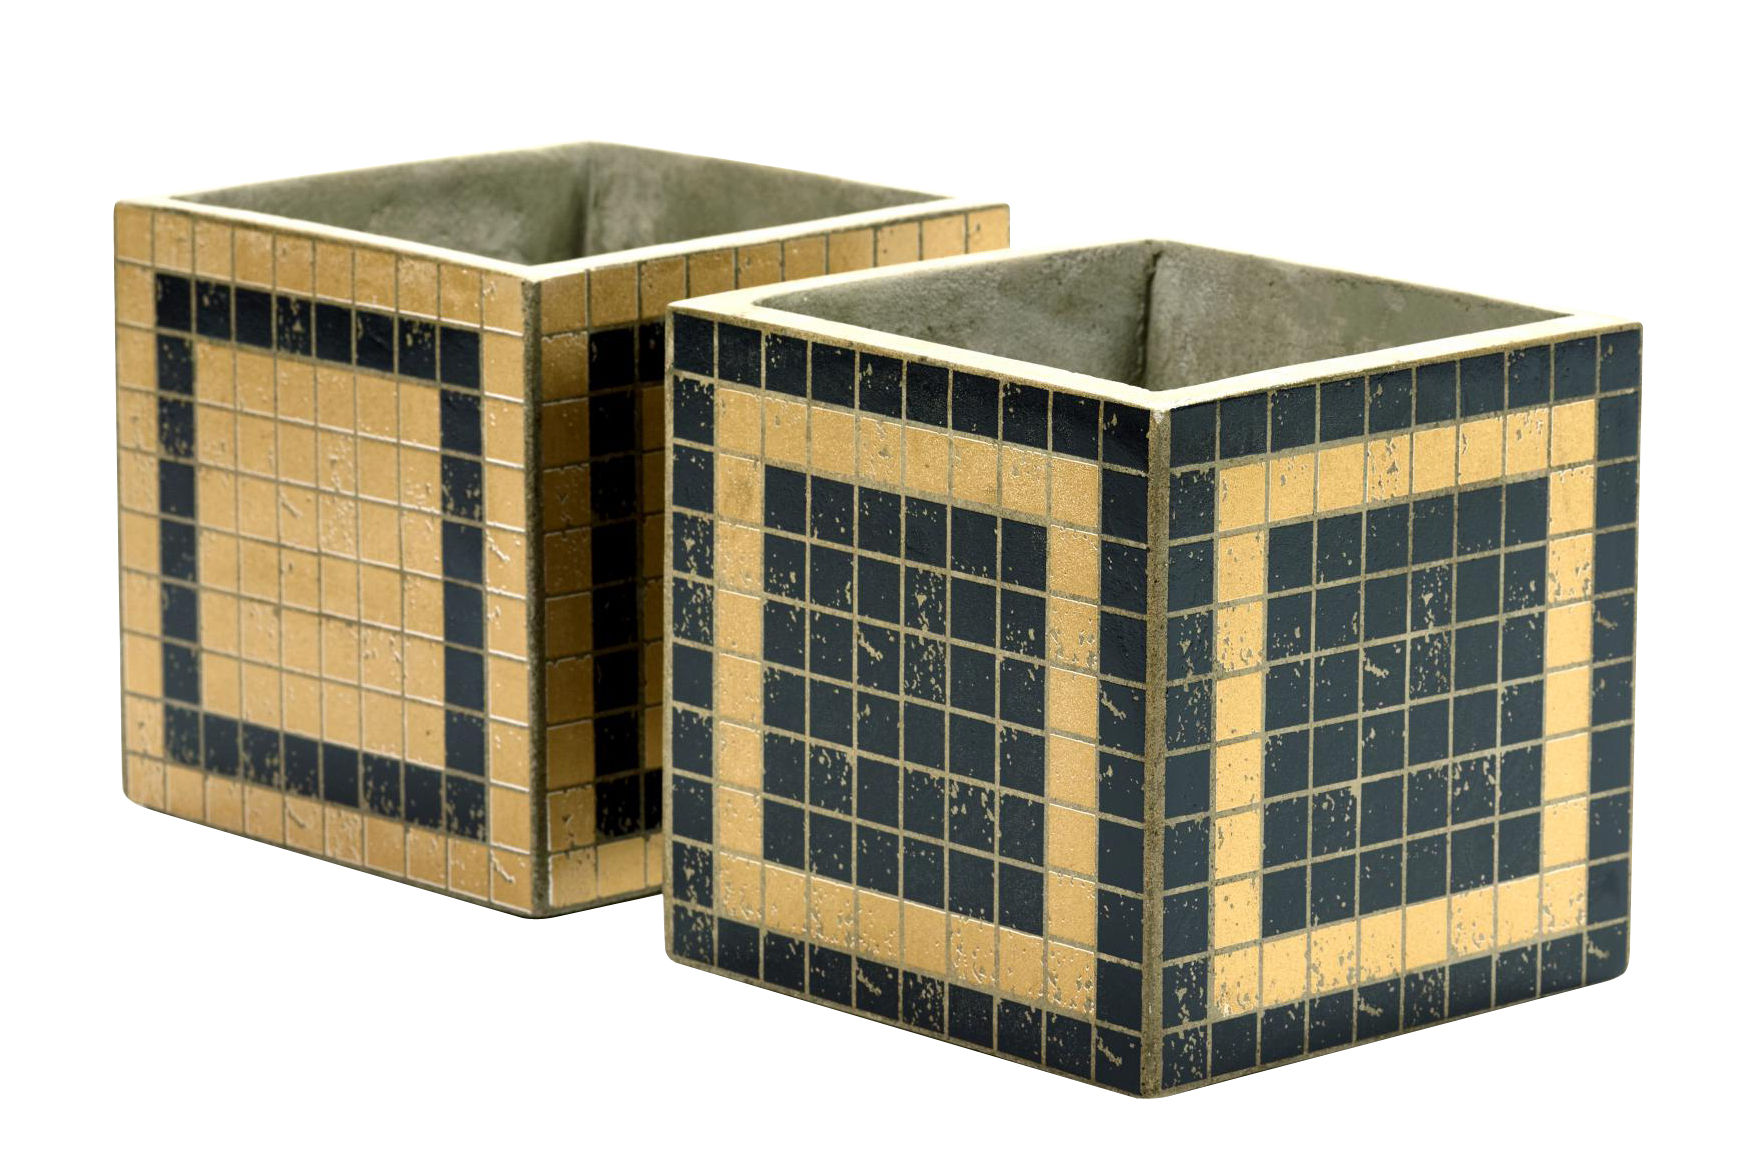 Déco - Pots et plantes - Pot Marie Mosaïque / 17x17 cm - Set de 2 - Serax - Or & noir - Béton émaillé